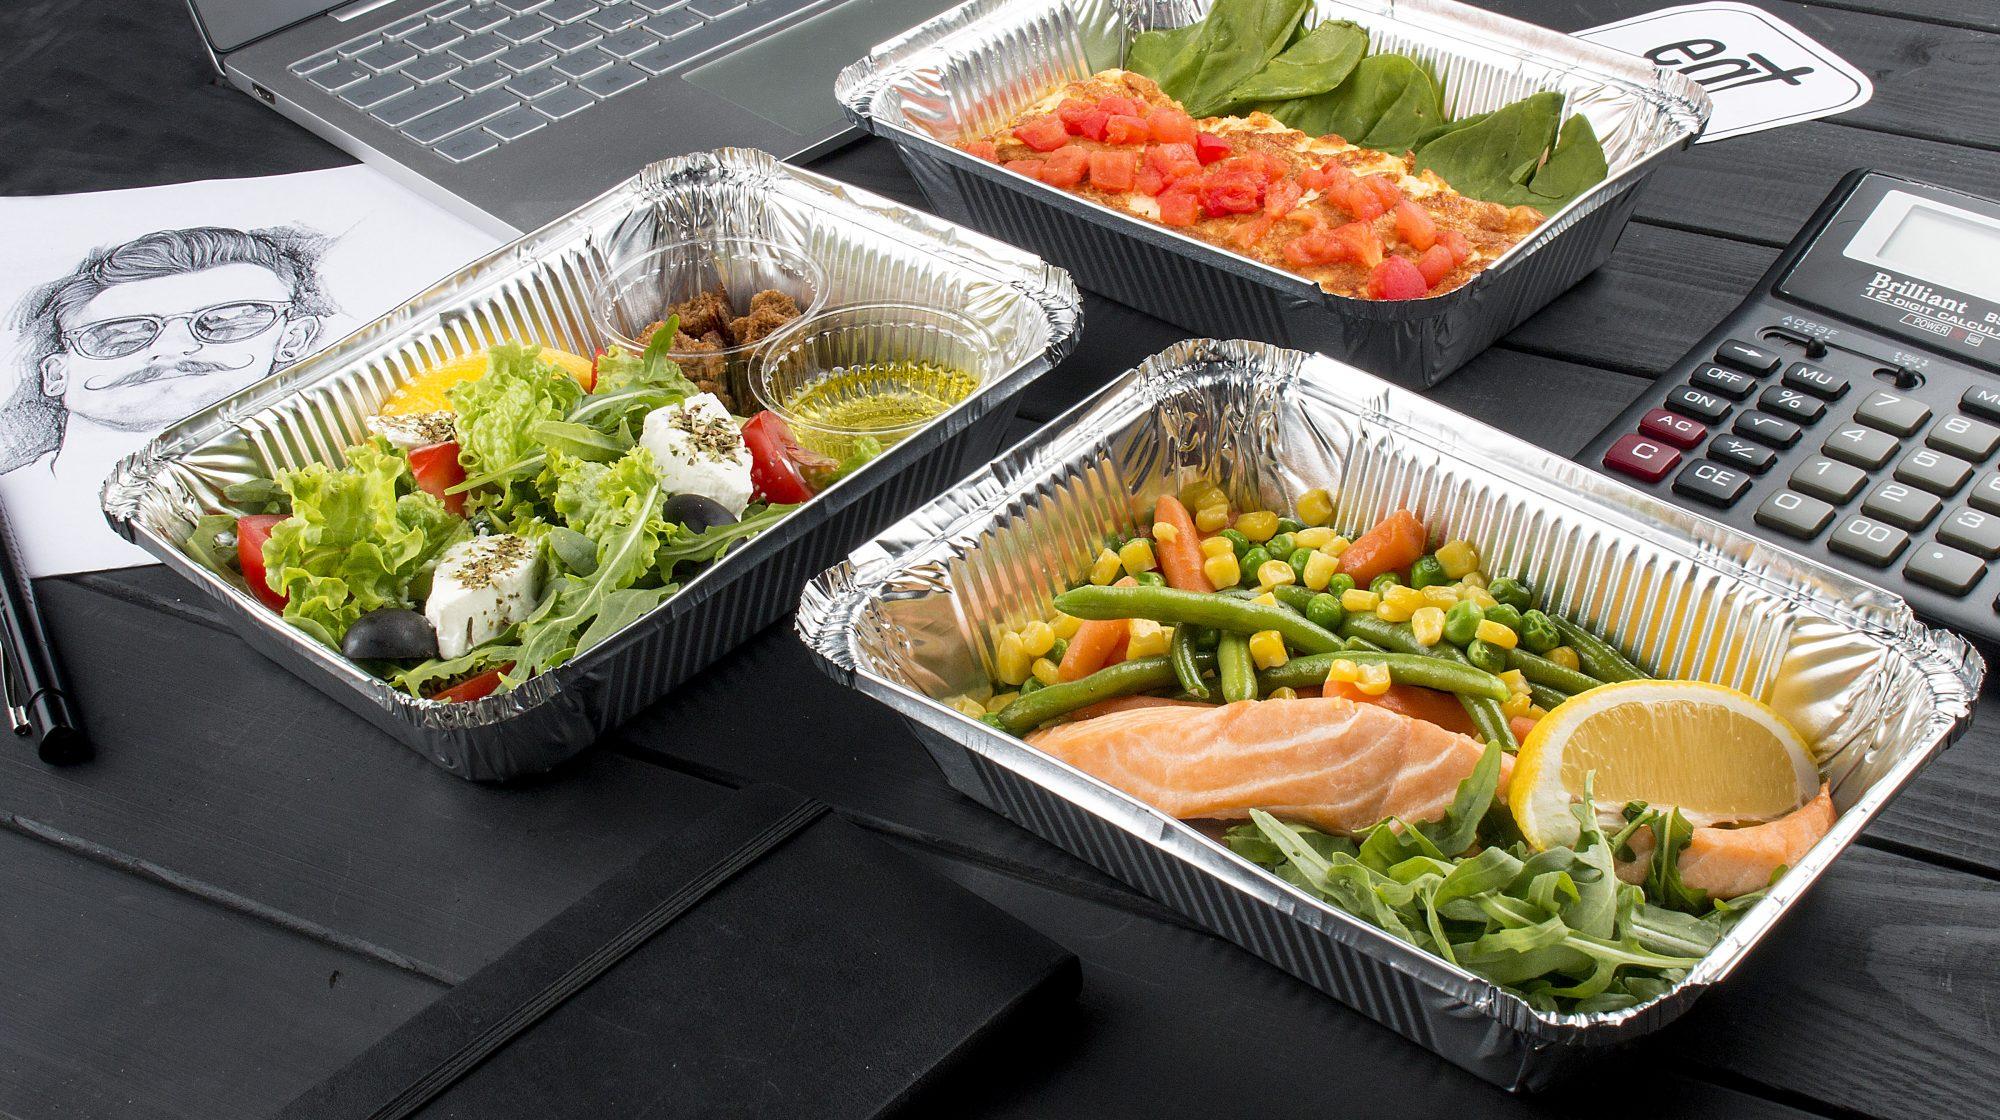 Фото обеда здорового питания для мужчин, с доставкой в офис по Харькову